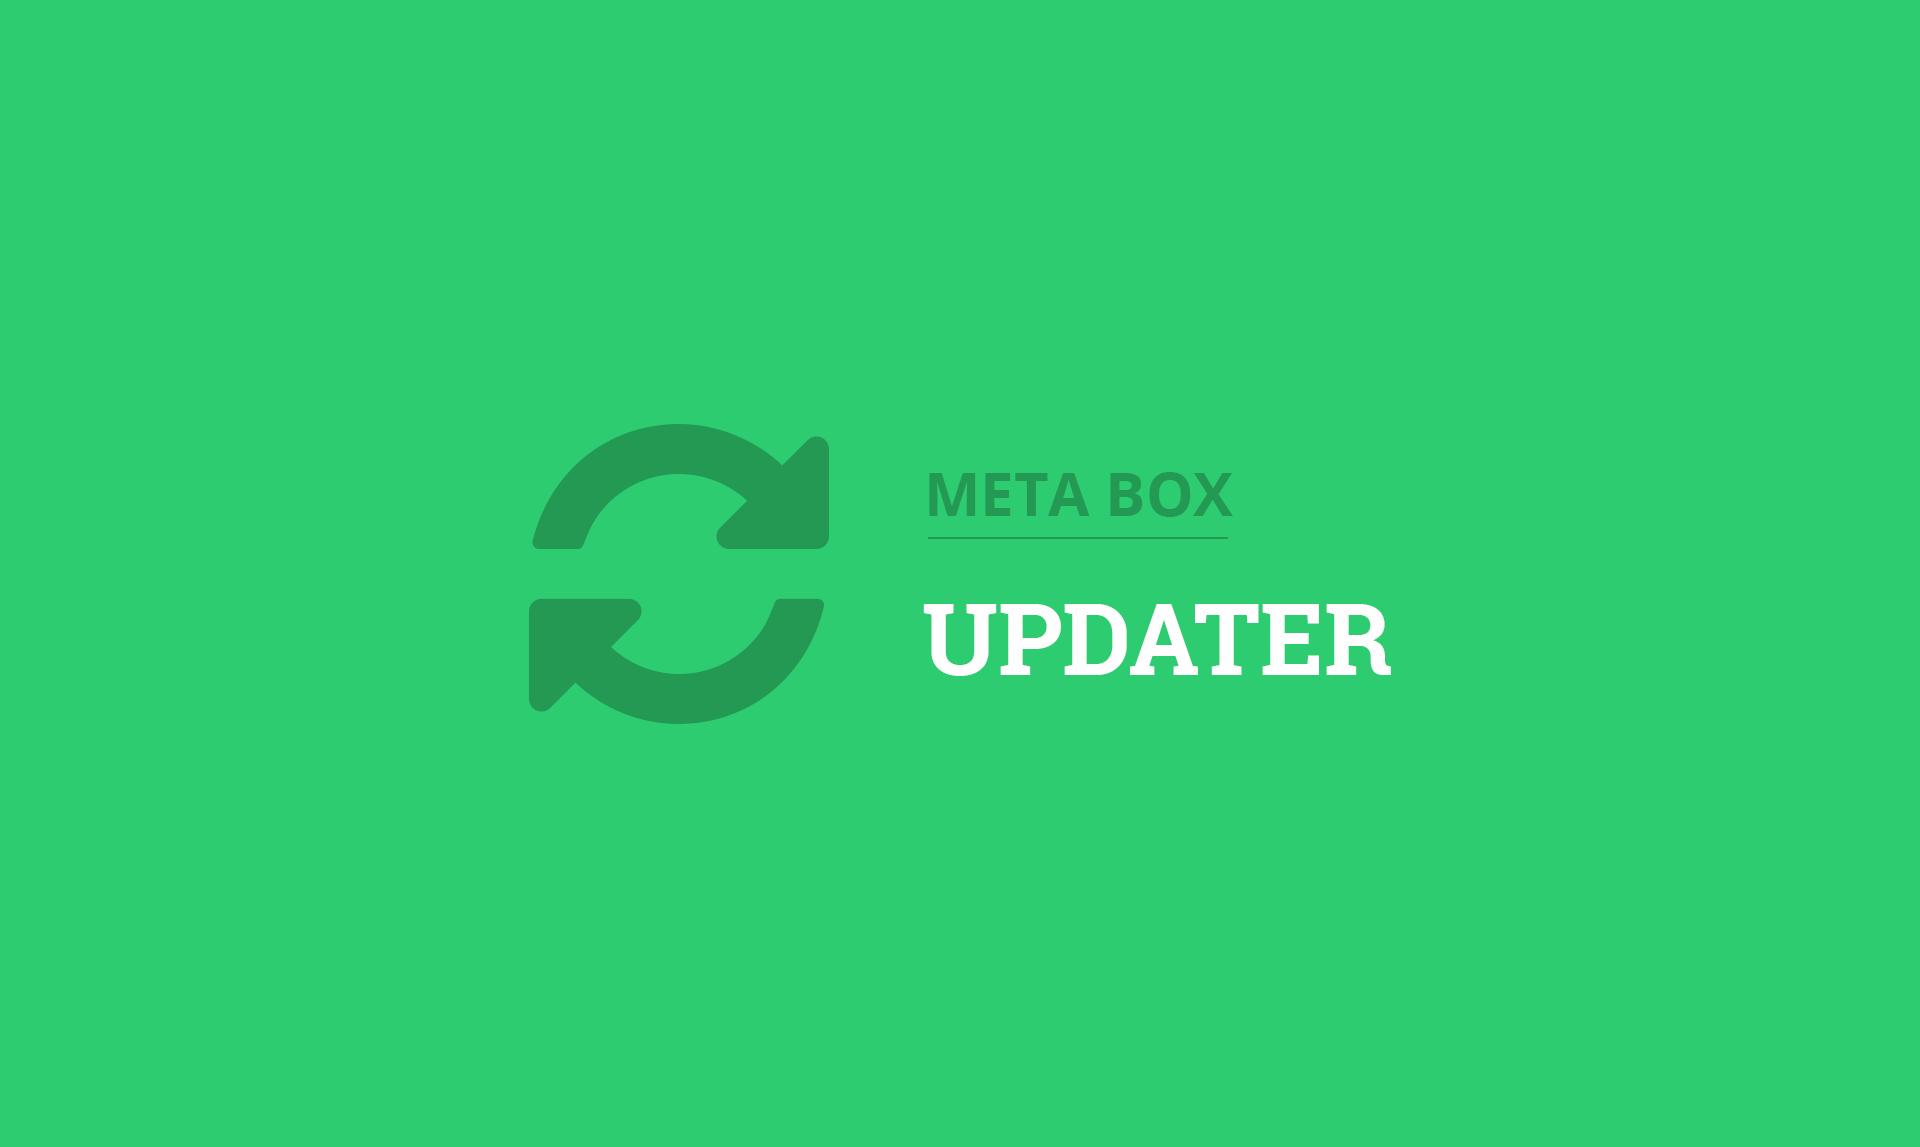 Meta Box Updater